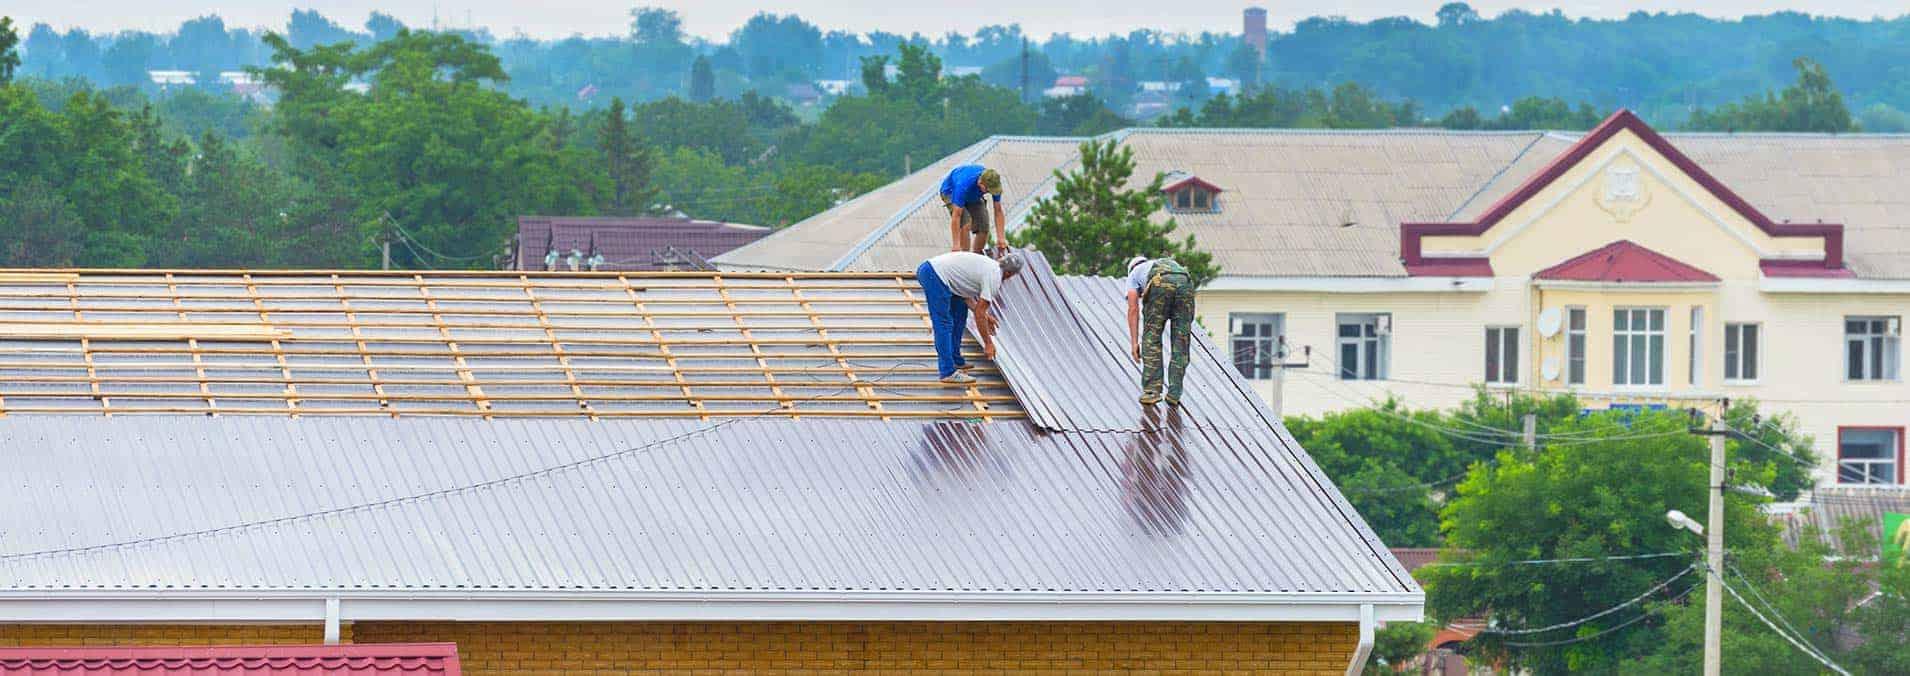 Roofing Contractor Atlanta, GA